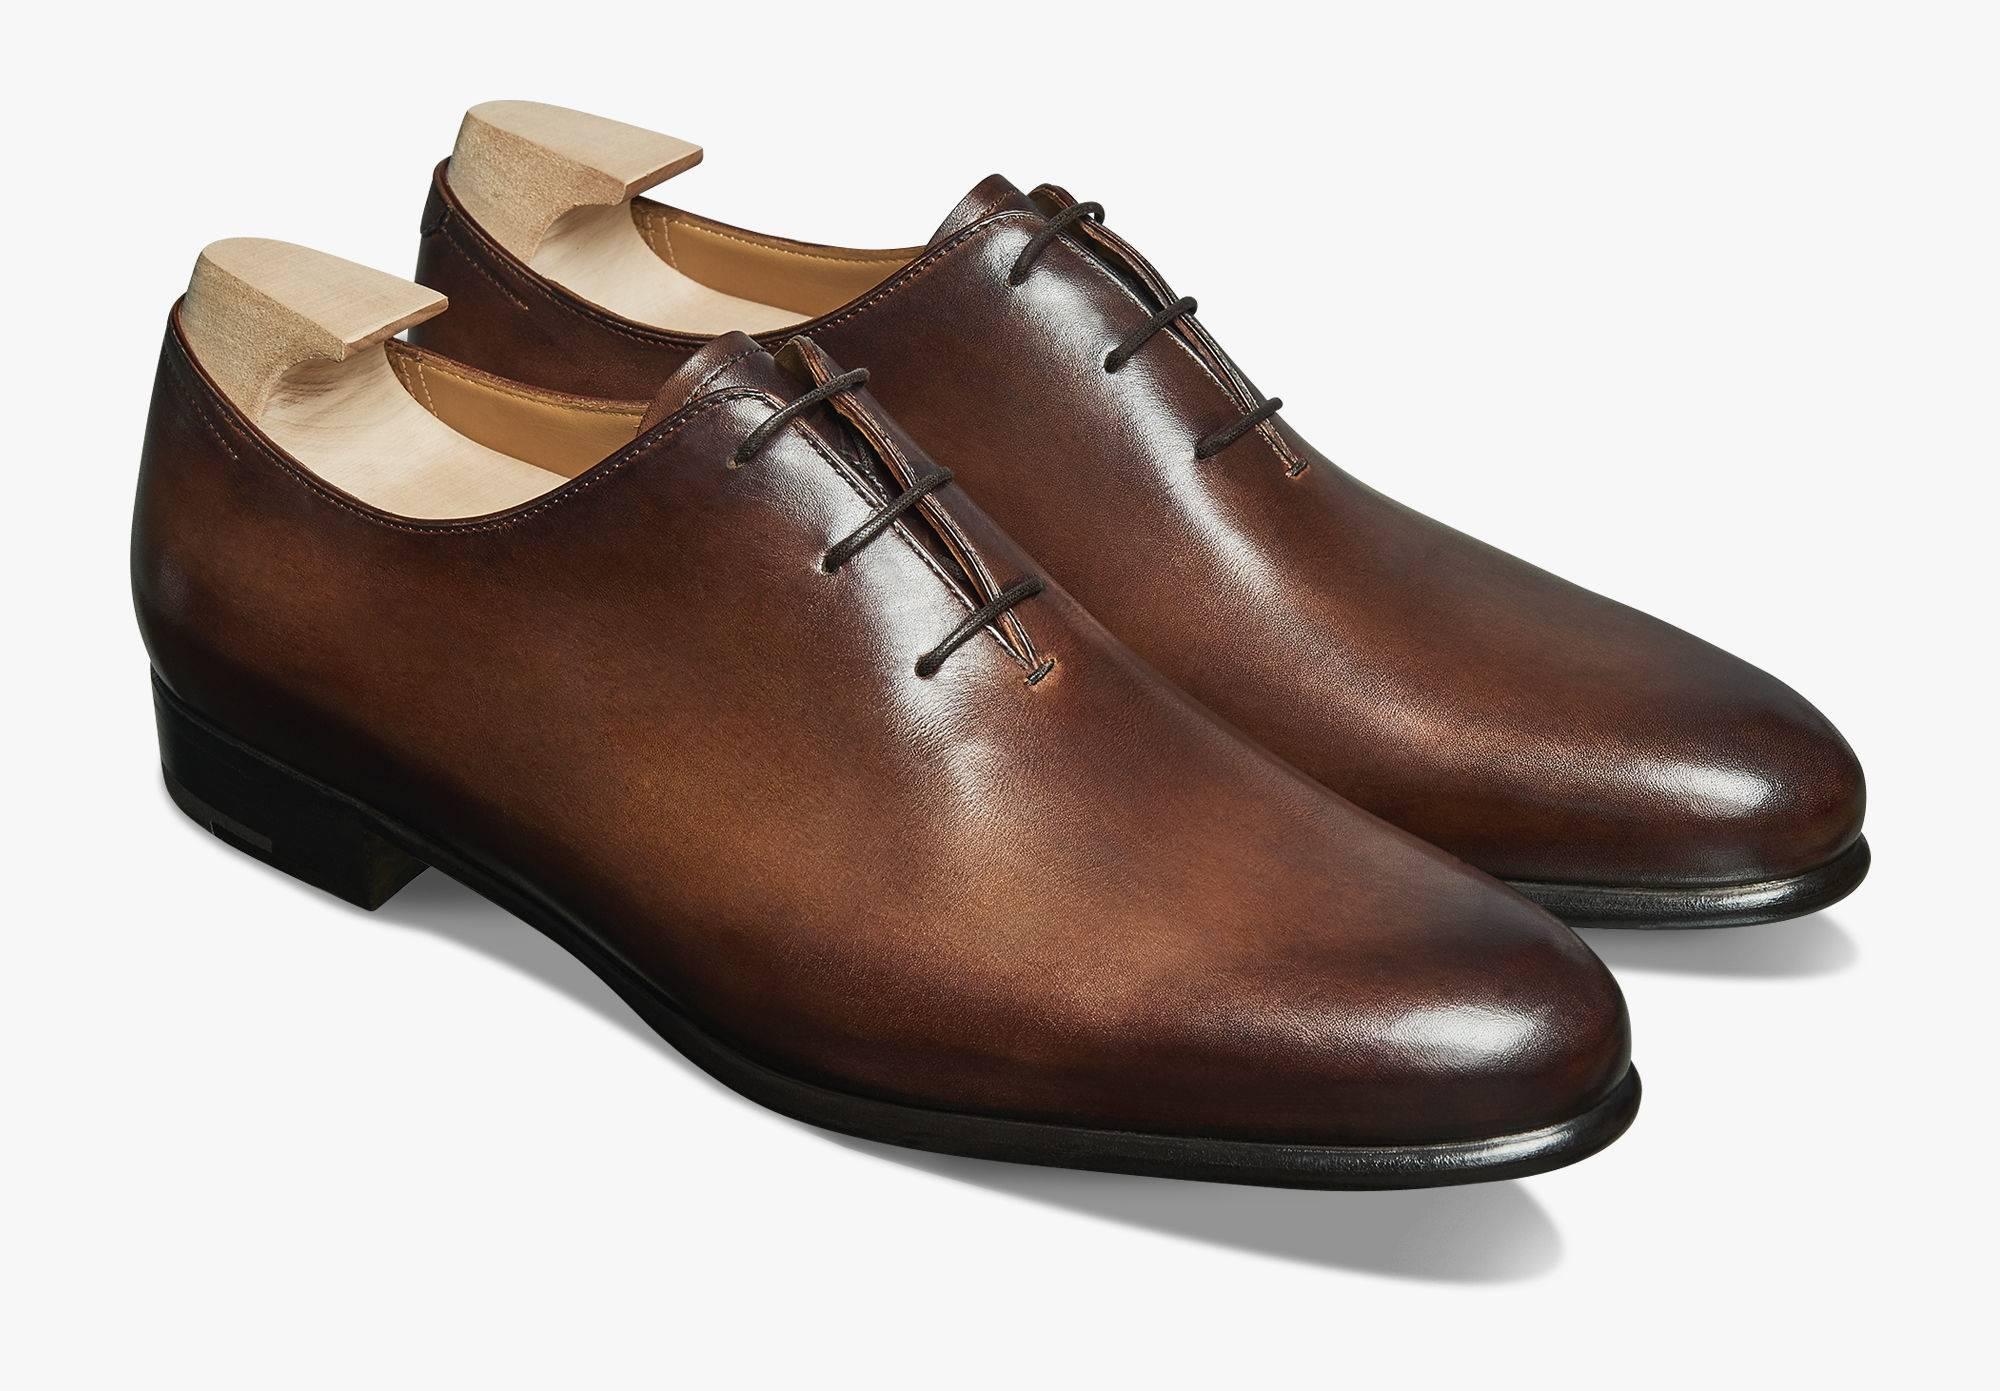 10款不同价位婚礼鞋推荐, 你的选择是哪双?